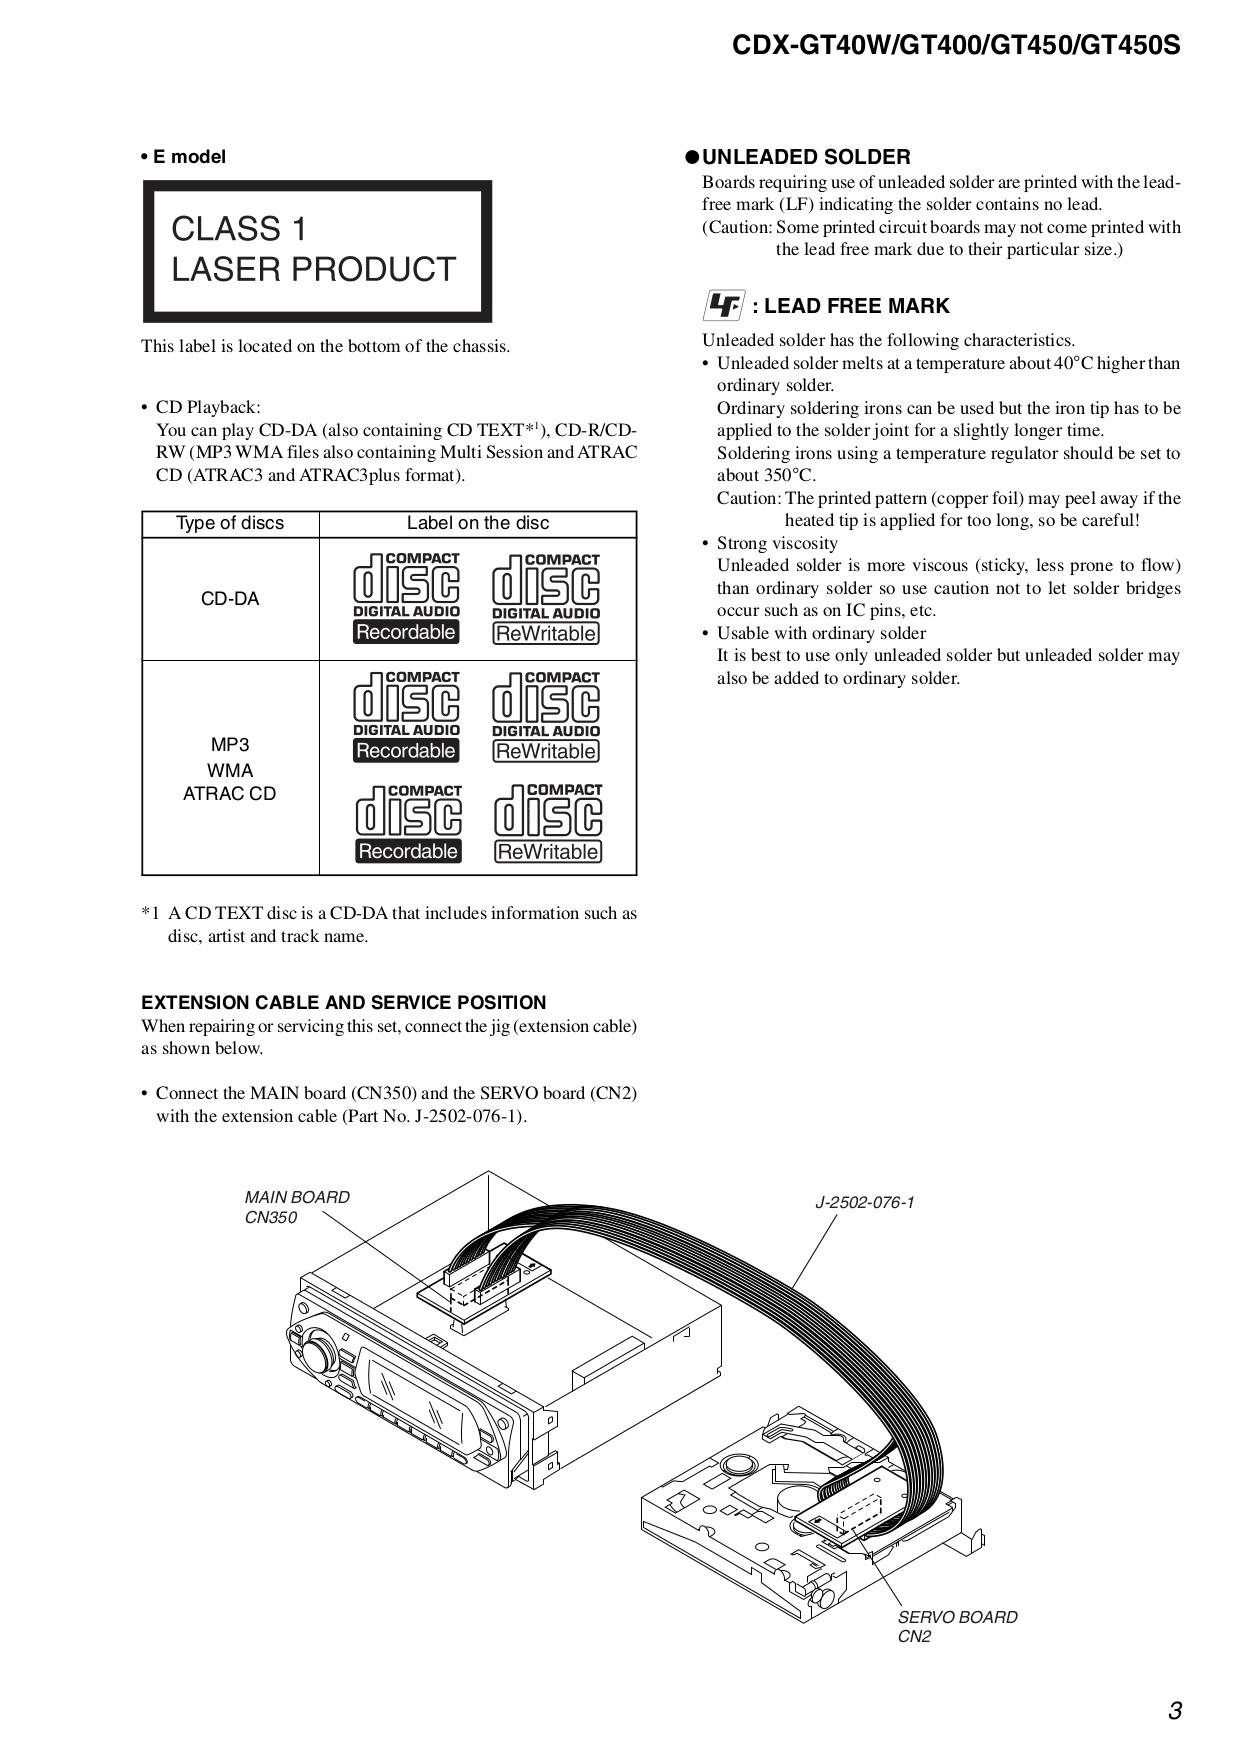 Sony Xplod Cdx